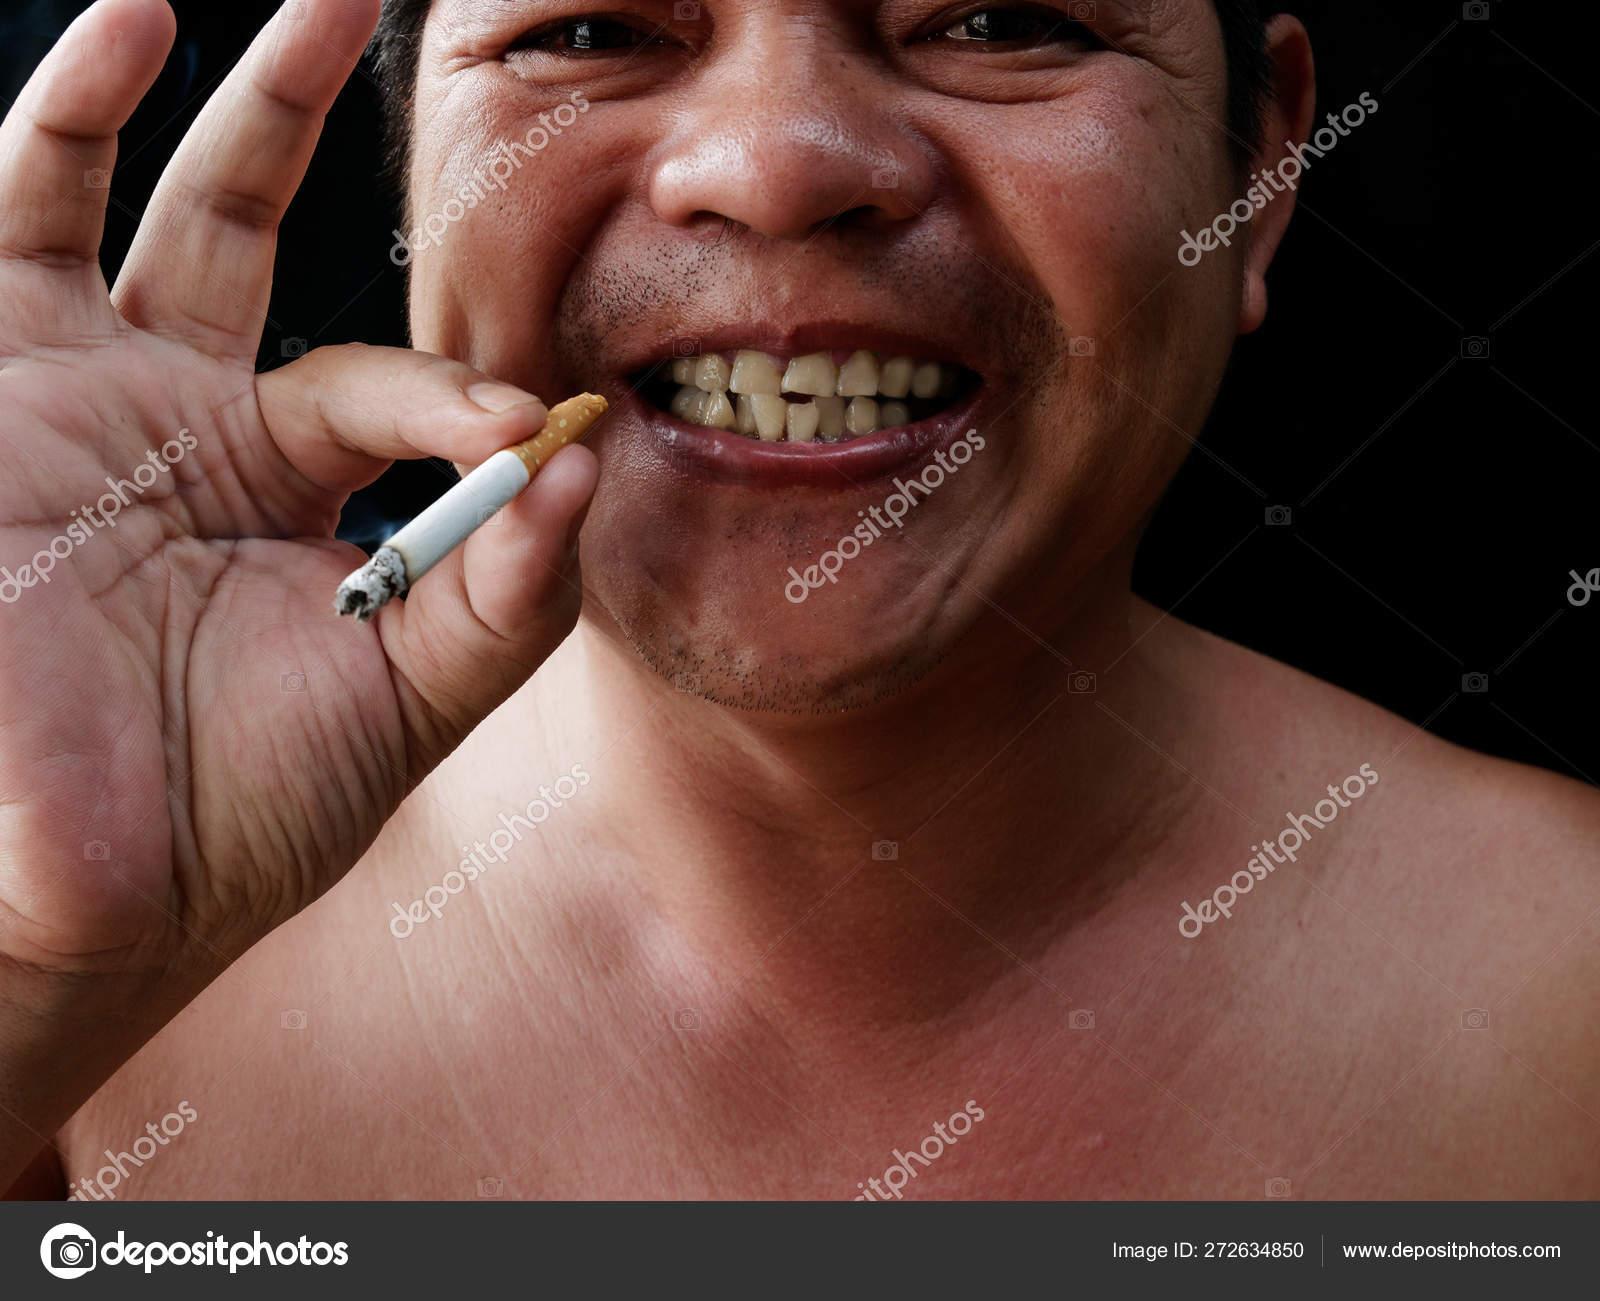 фото толстый мужик с сигаретой фото природа, свежий